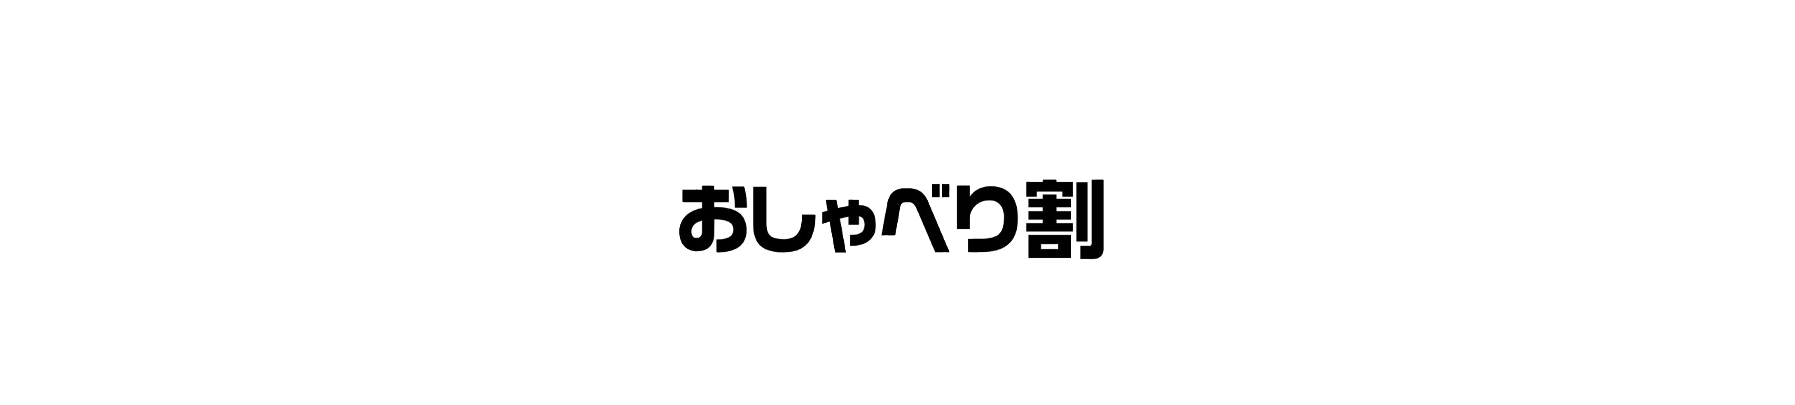 ドコモオンラインショップ_機種変更_流れ_キャンペーン_おしゃべり割